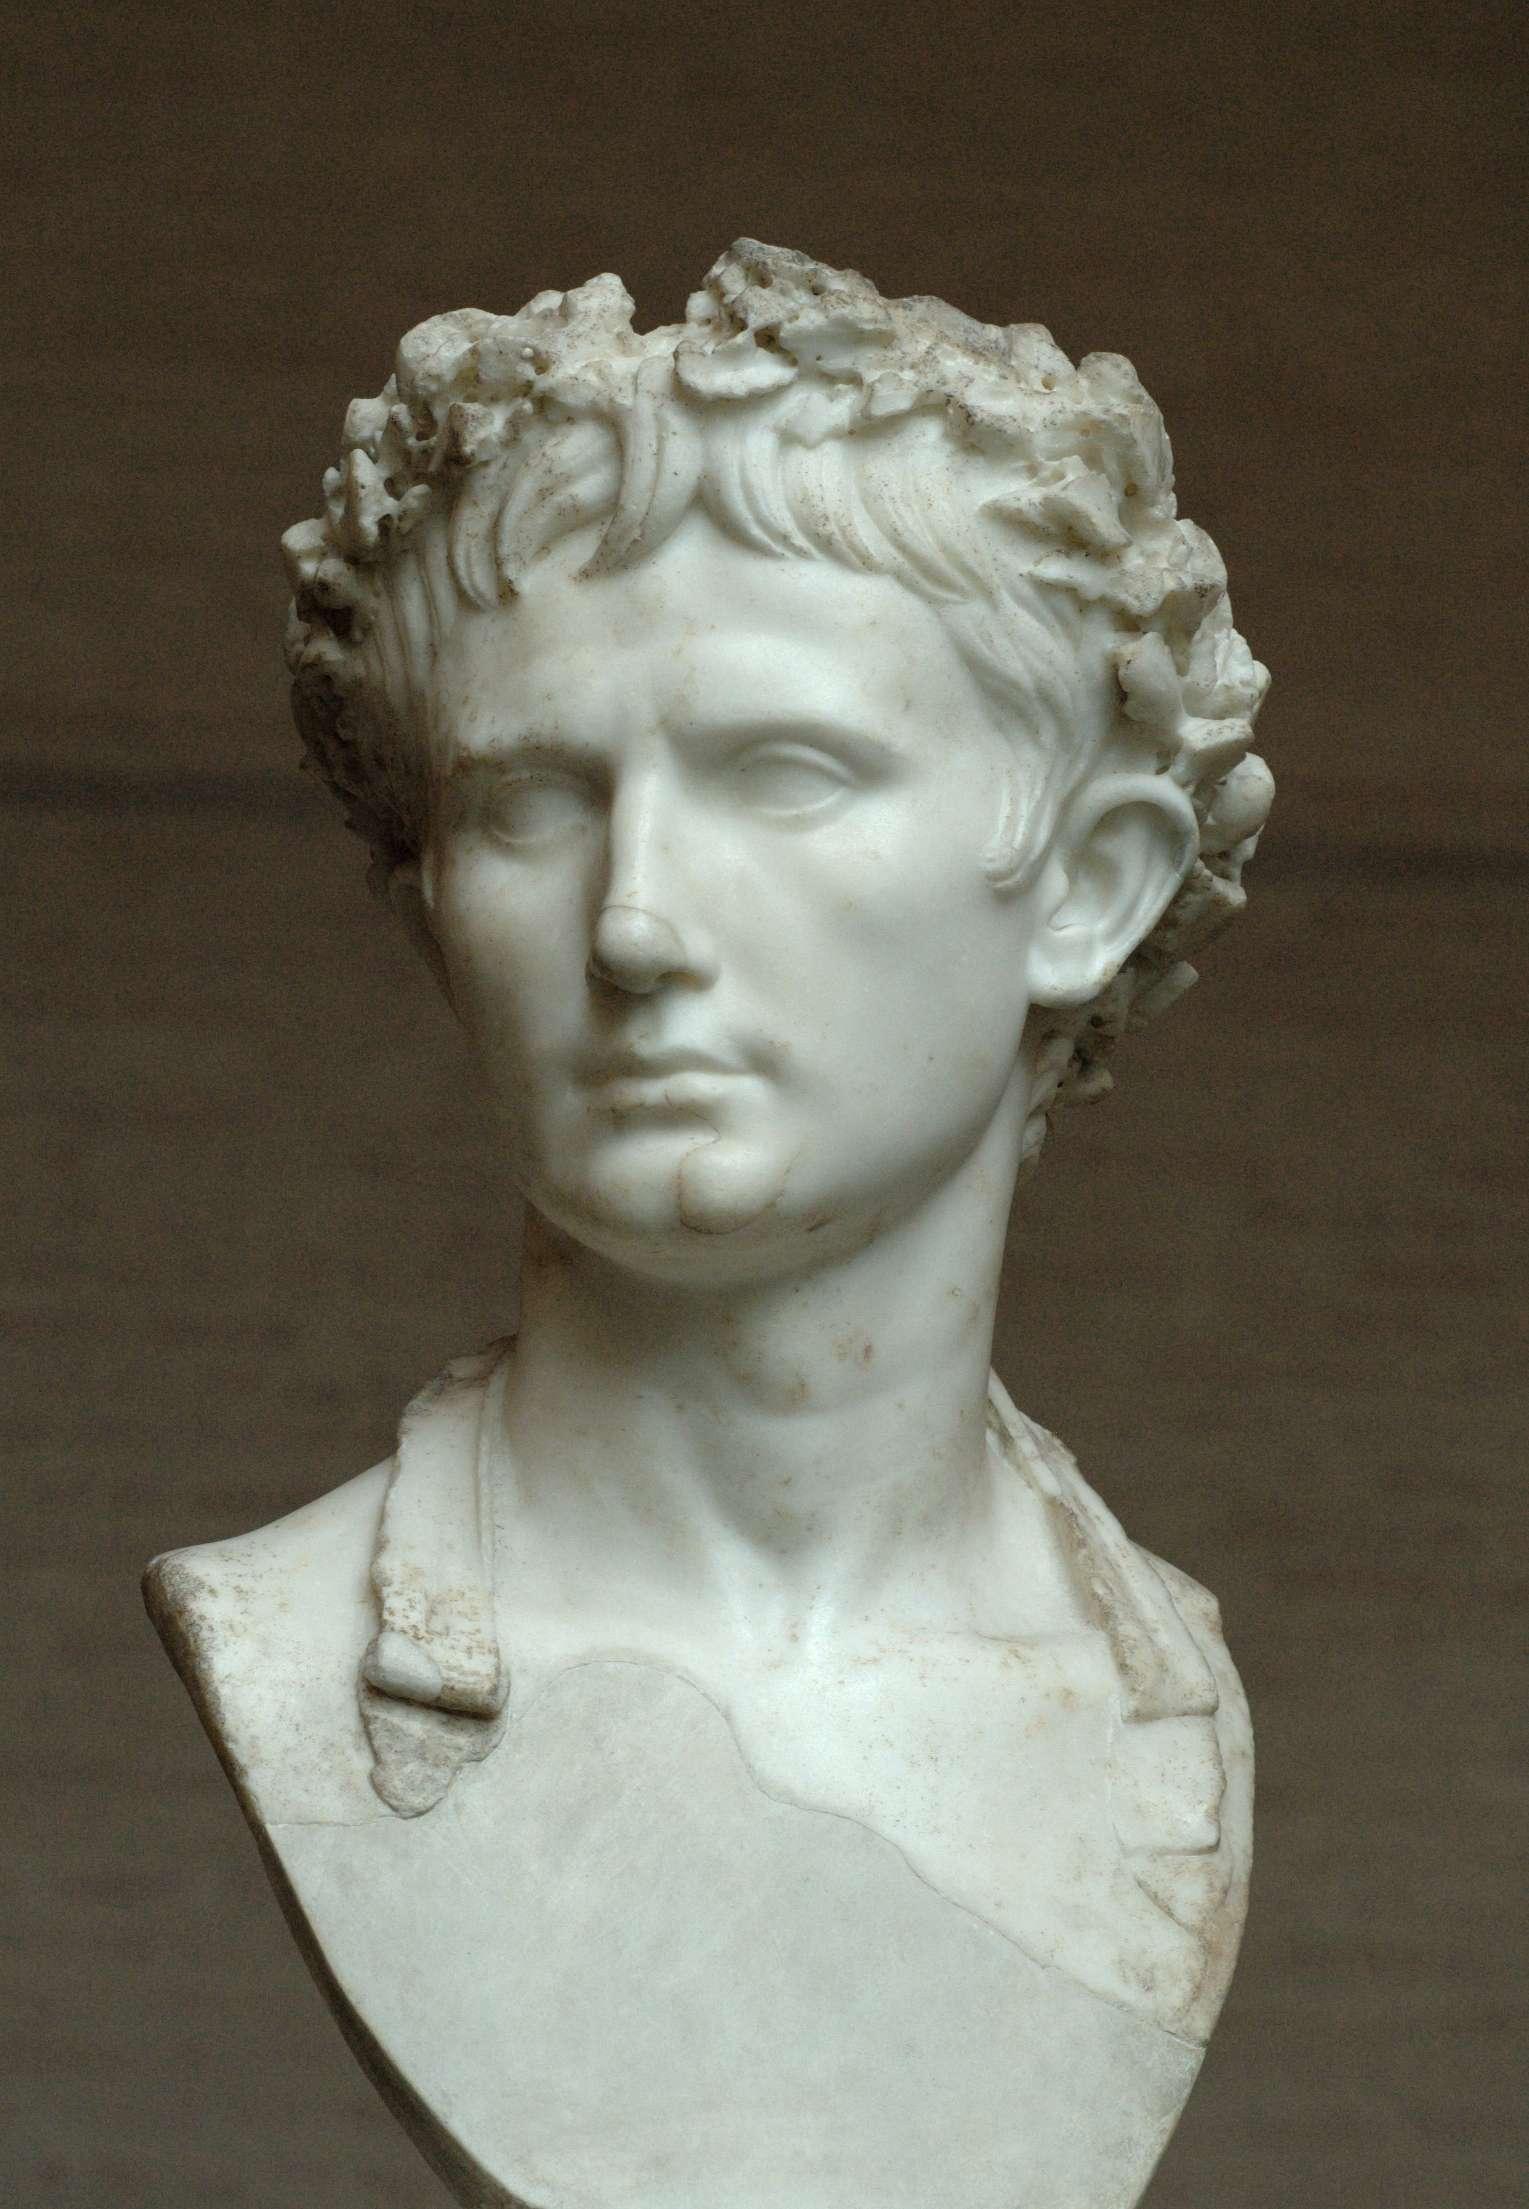 Προτομή του πρώτου Ρωμαίου αυτοκράτορα, Οκταβιανού Αυγούστου, Γλυπτοθήκη του Μονάχου, Γερμανία.